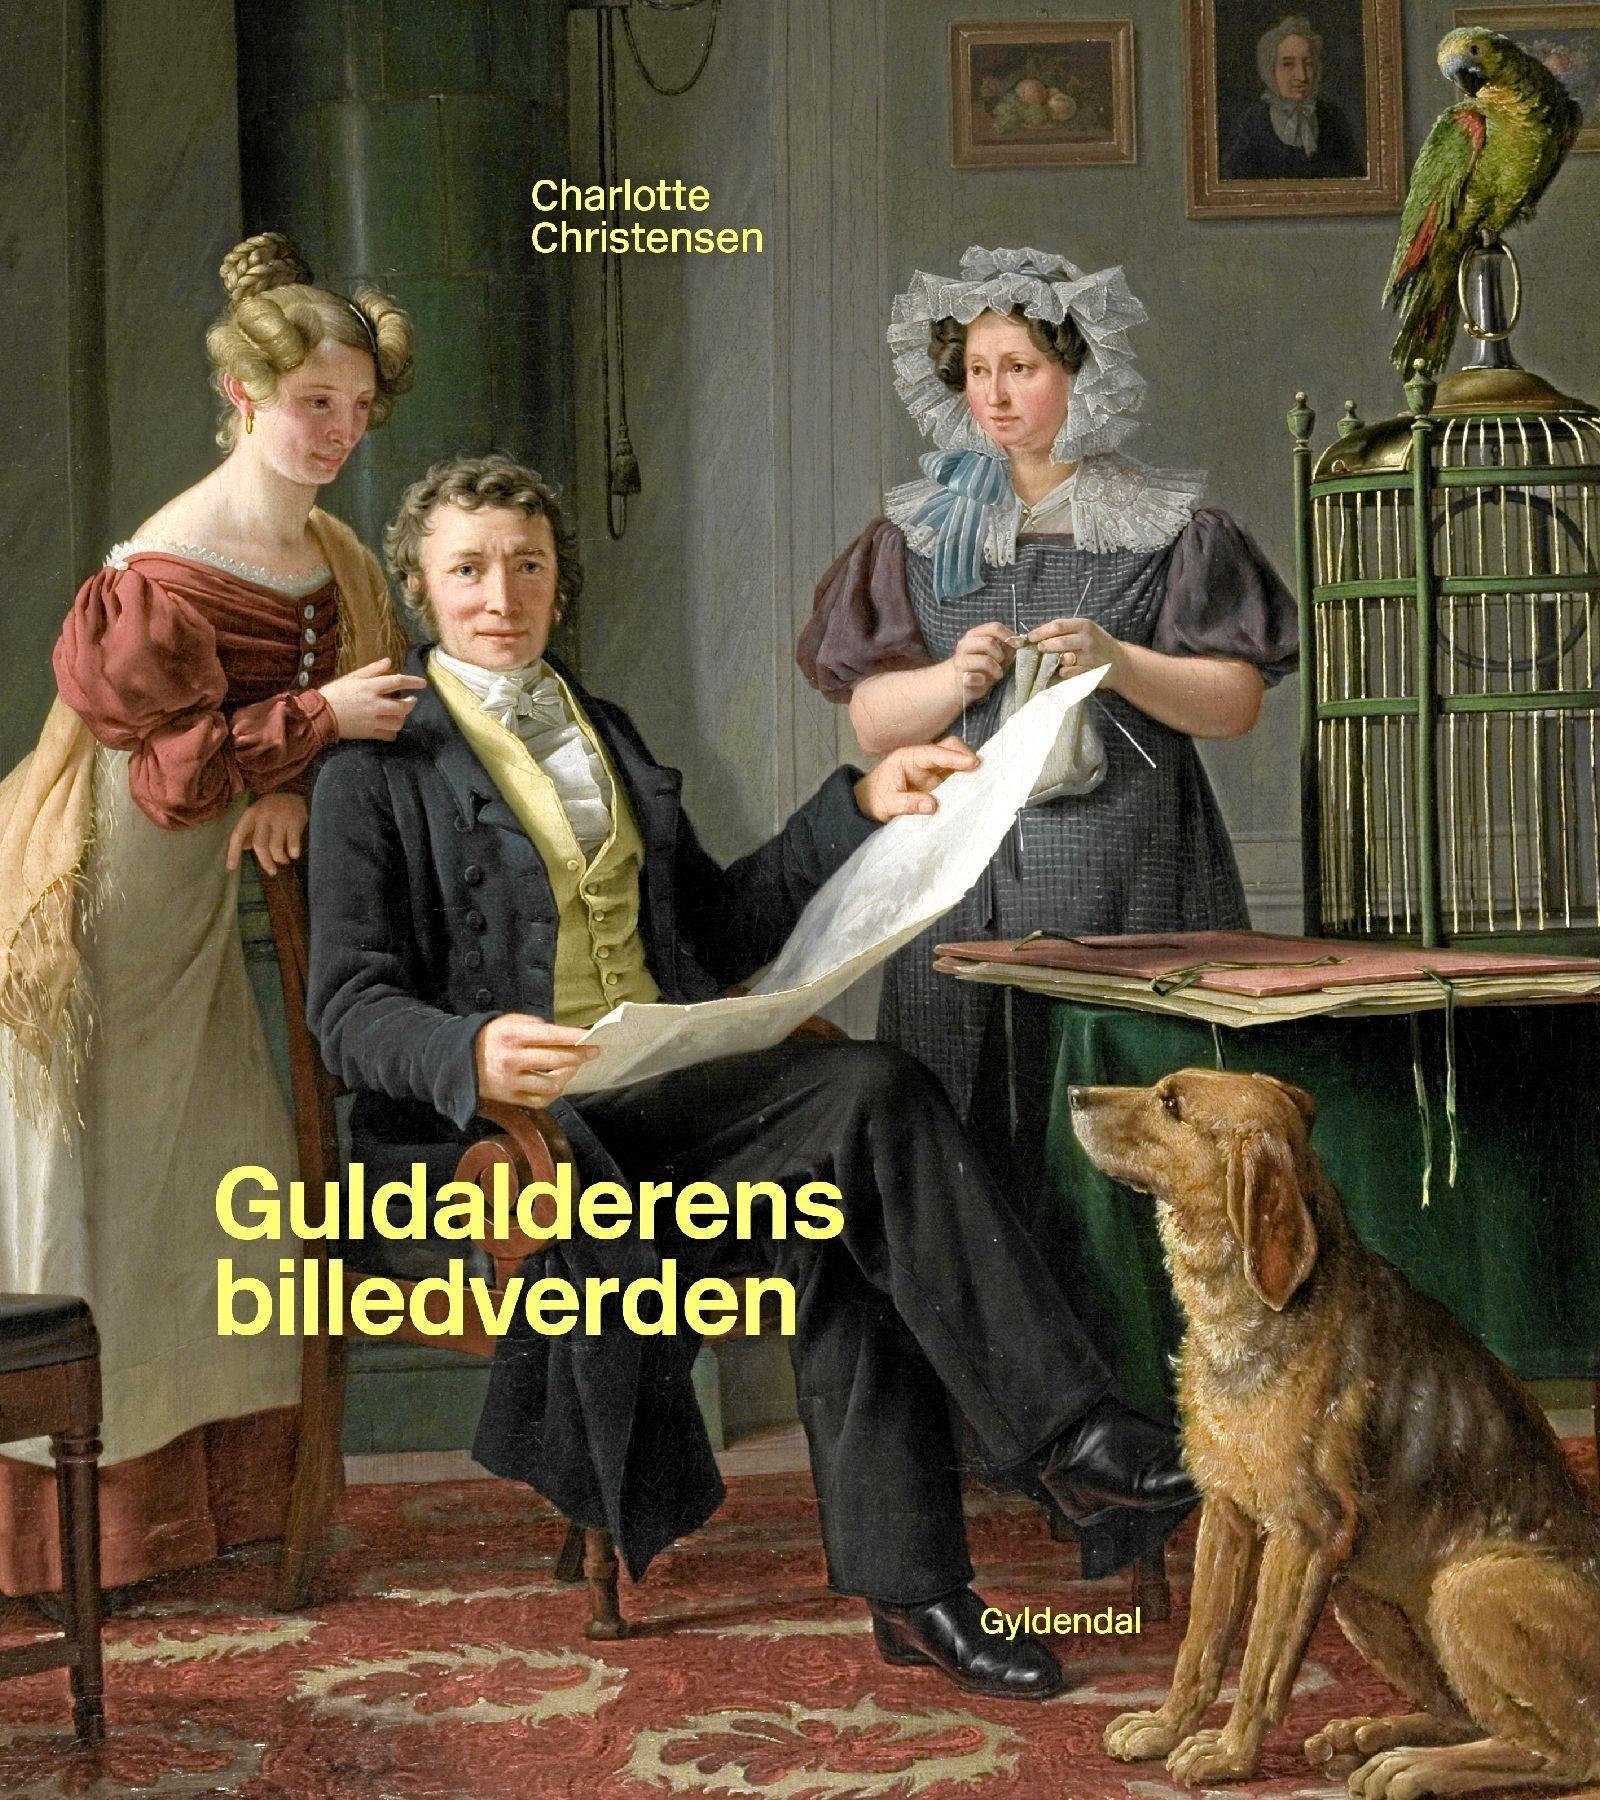 Kunstbog: Vi tørster efter bøger om guldalderen - her er så endnu en